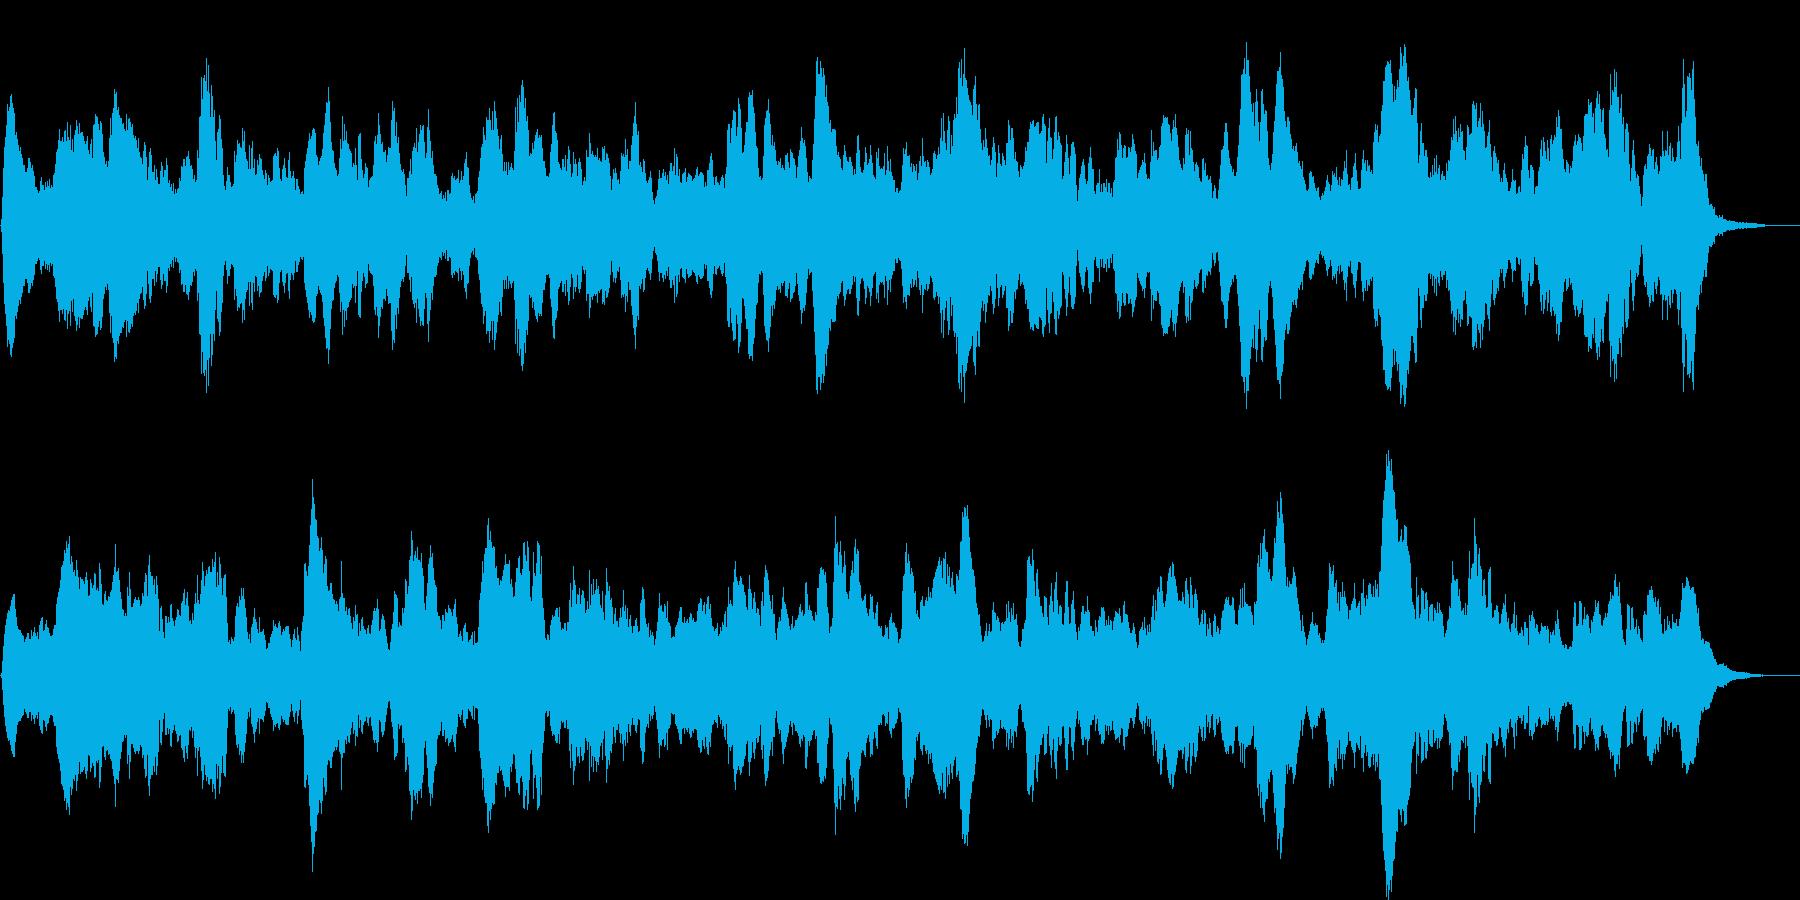 ホラー系(ループ音源)ですの再生済みの波形